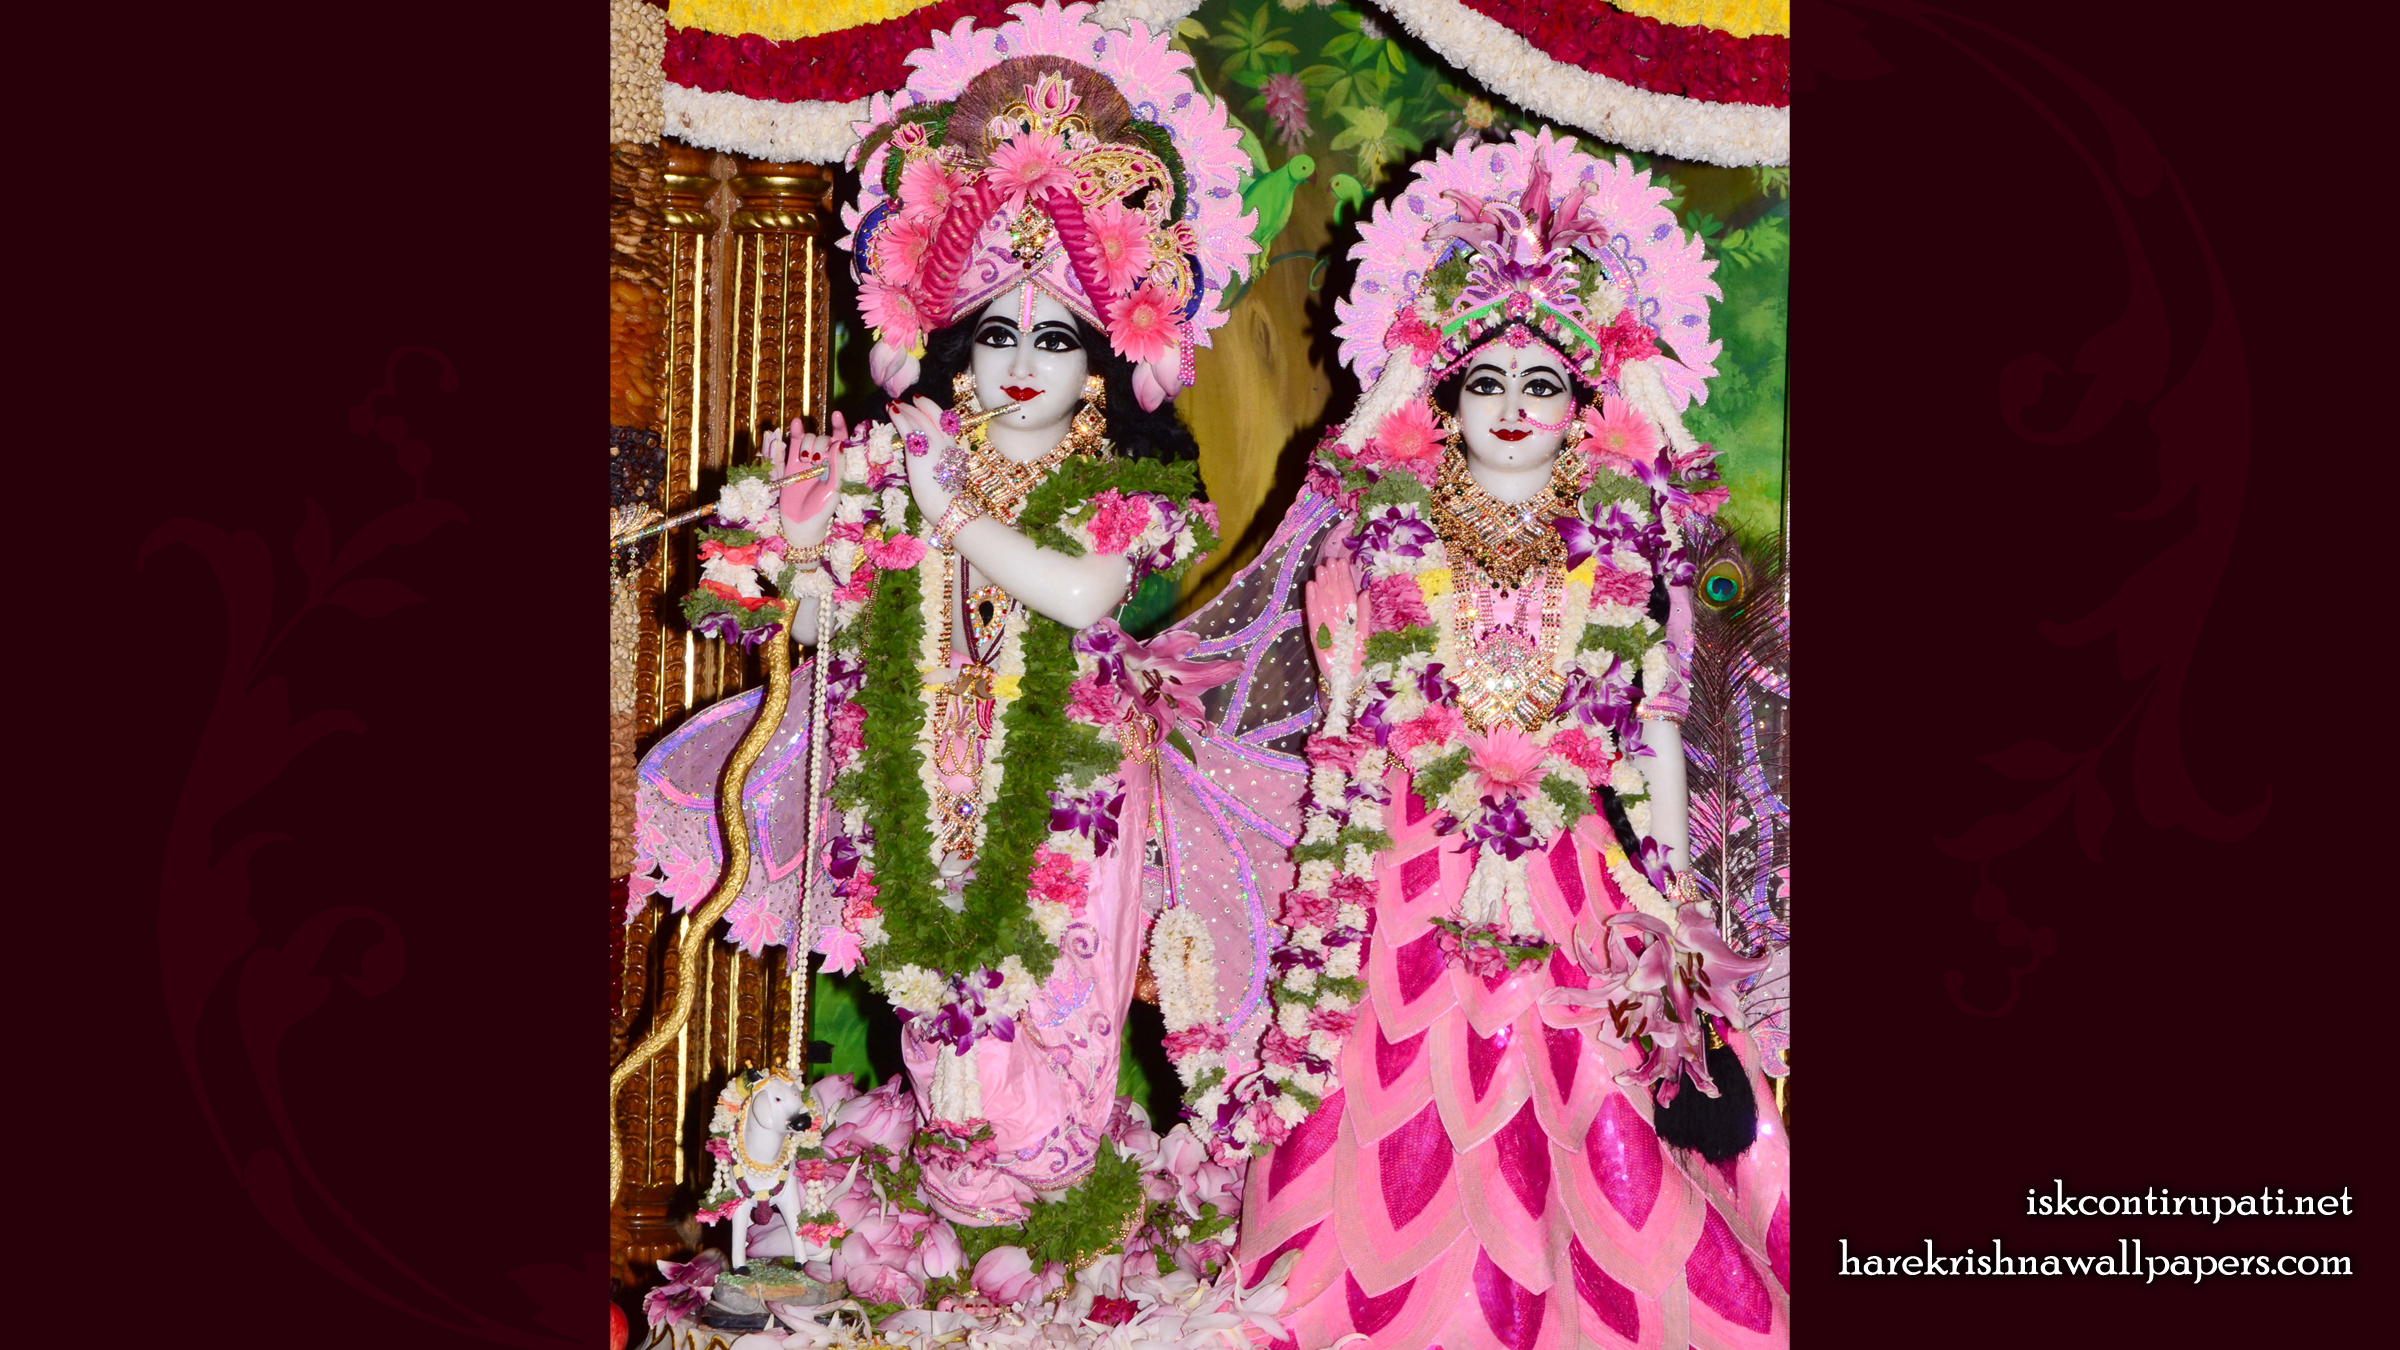 Sri Sri Radha Govinda Wallpaper (009) Size 2400x1350 Download